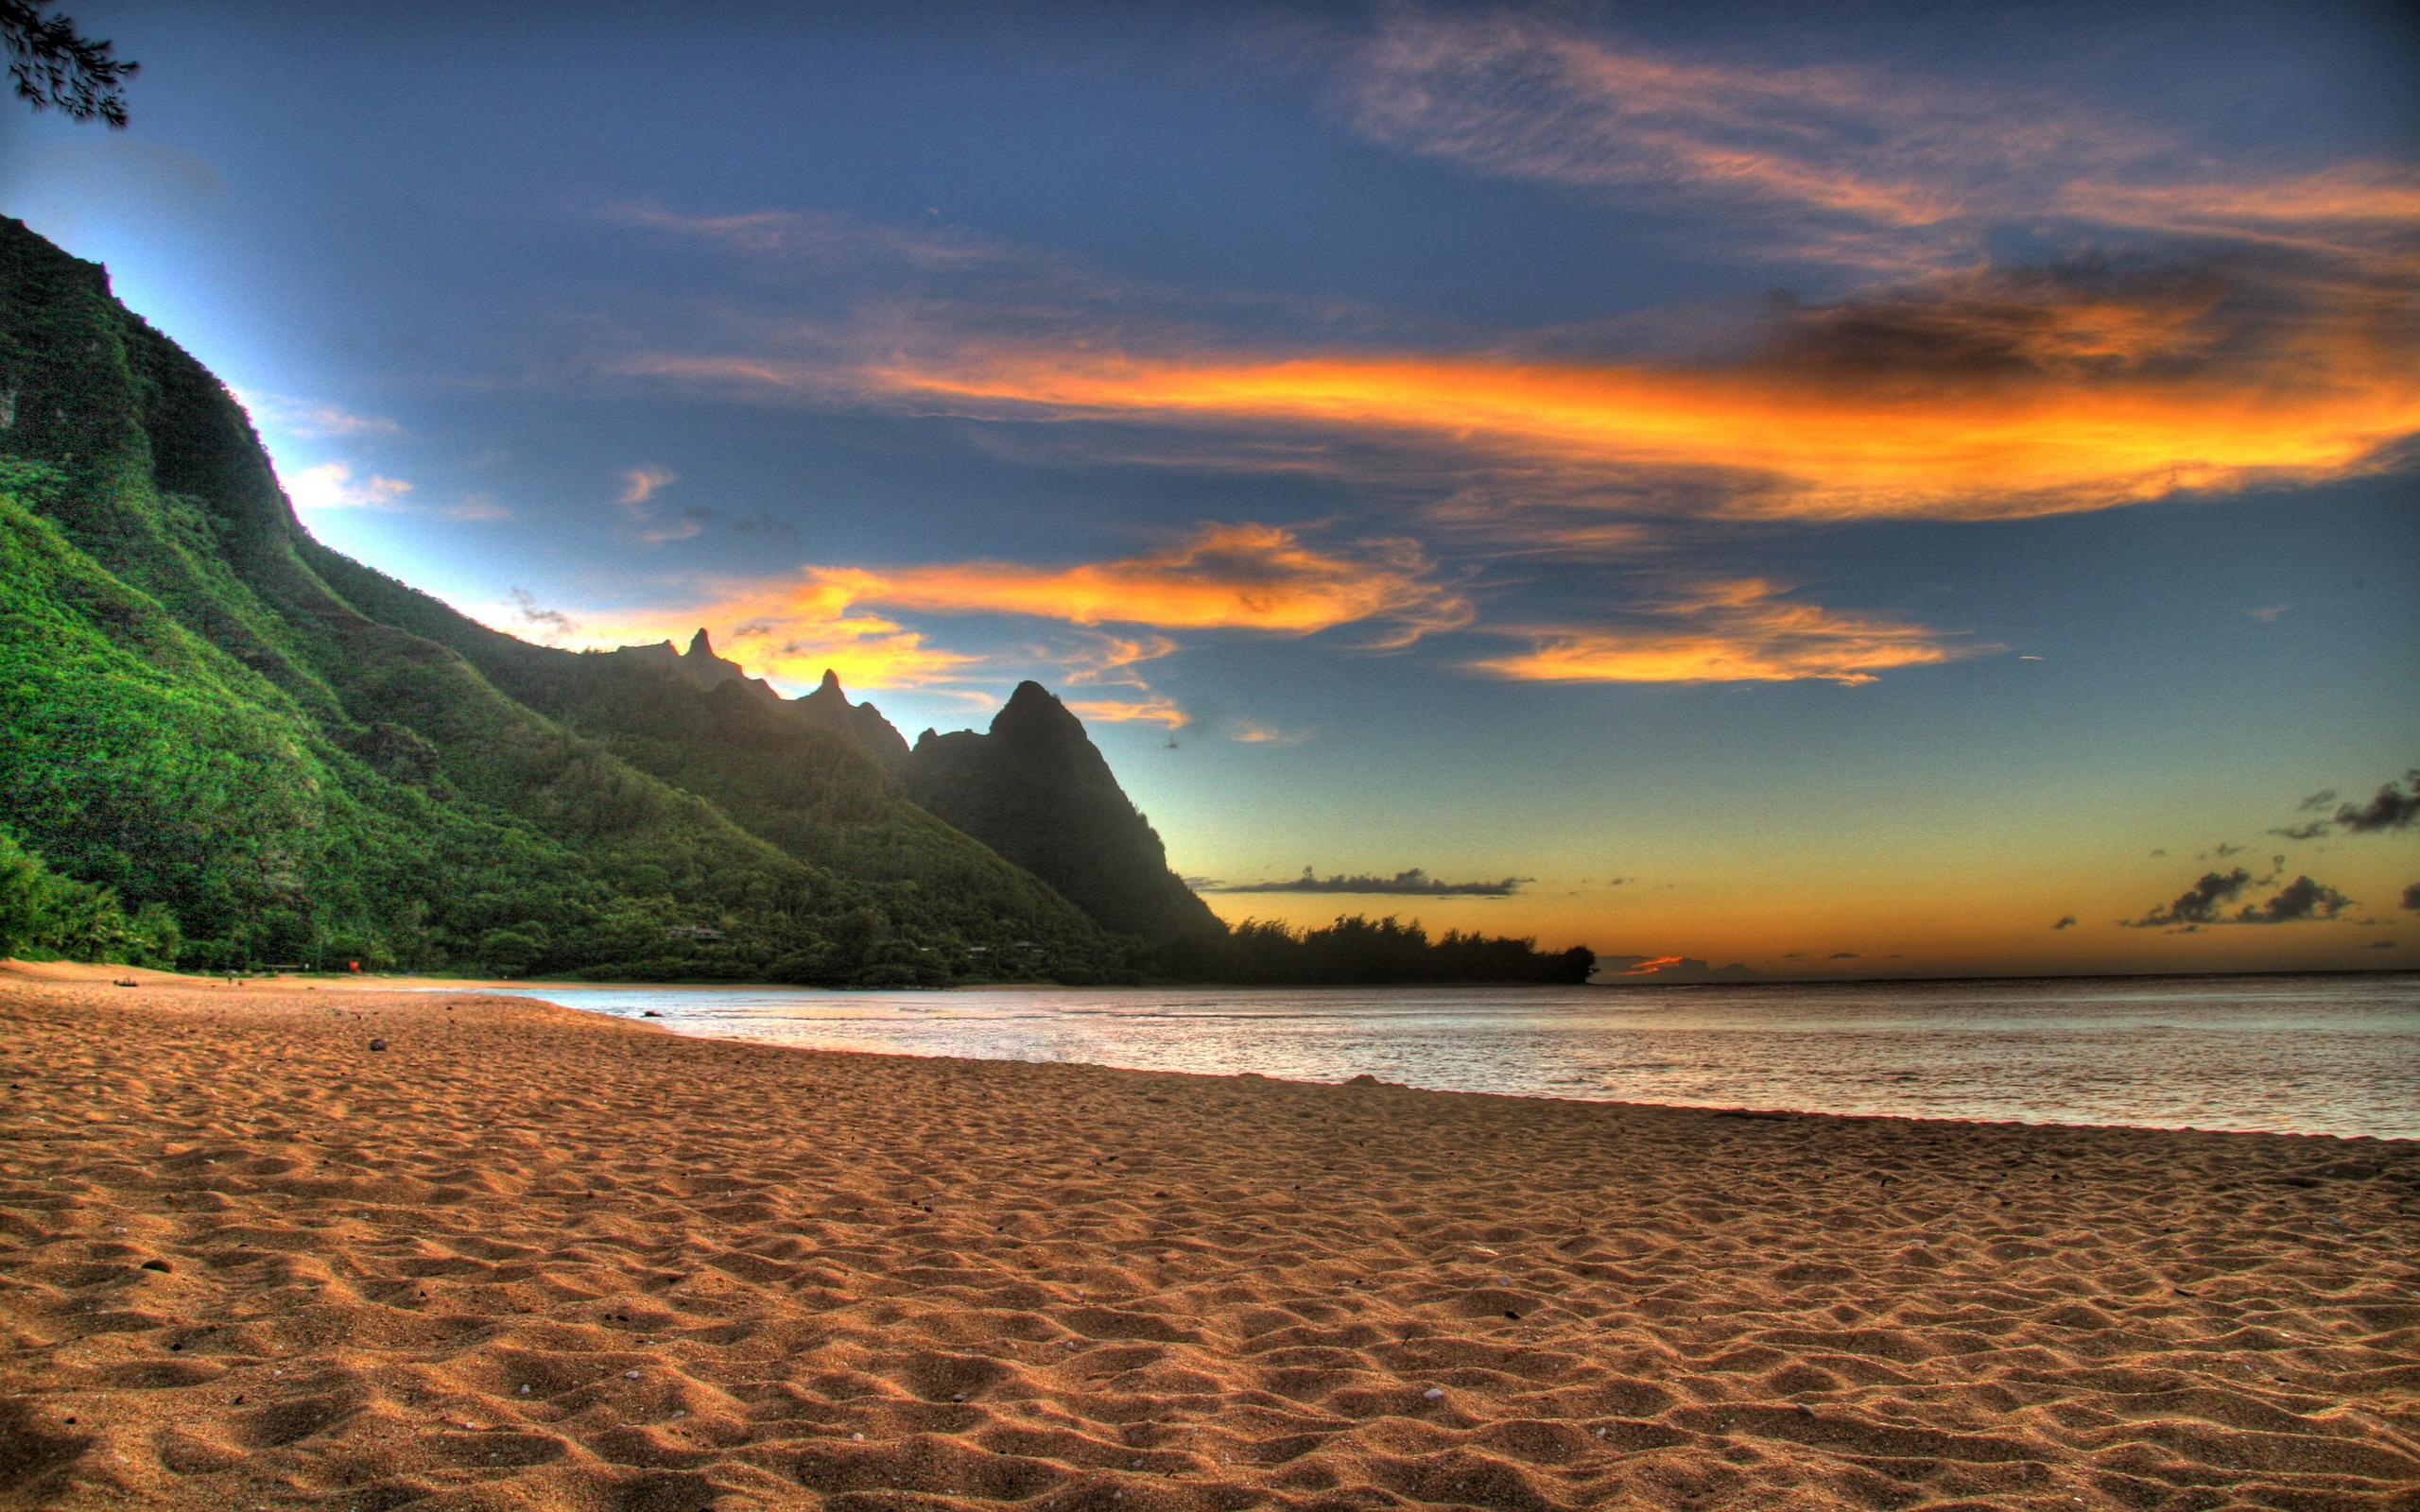 Beach Sunset Wallpaper Desktop Windows 2364 Wallpaper 2560x1600